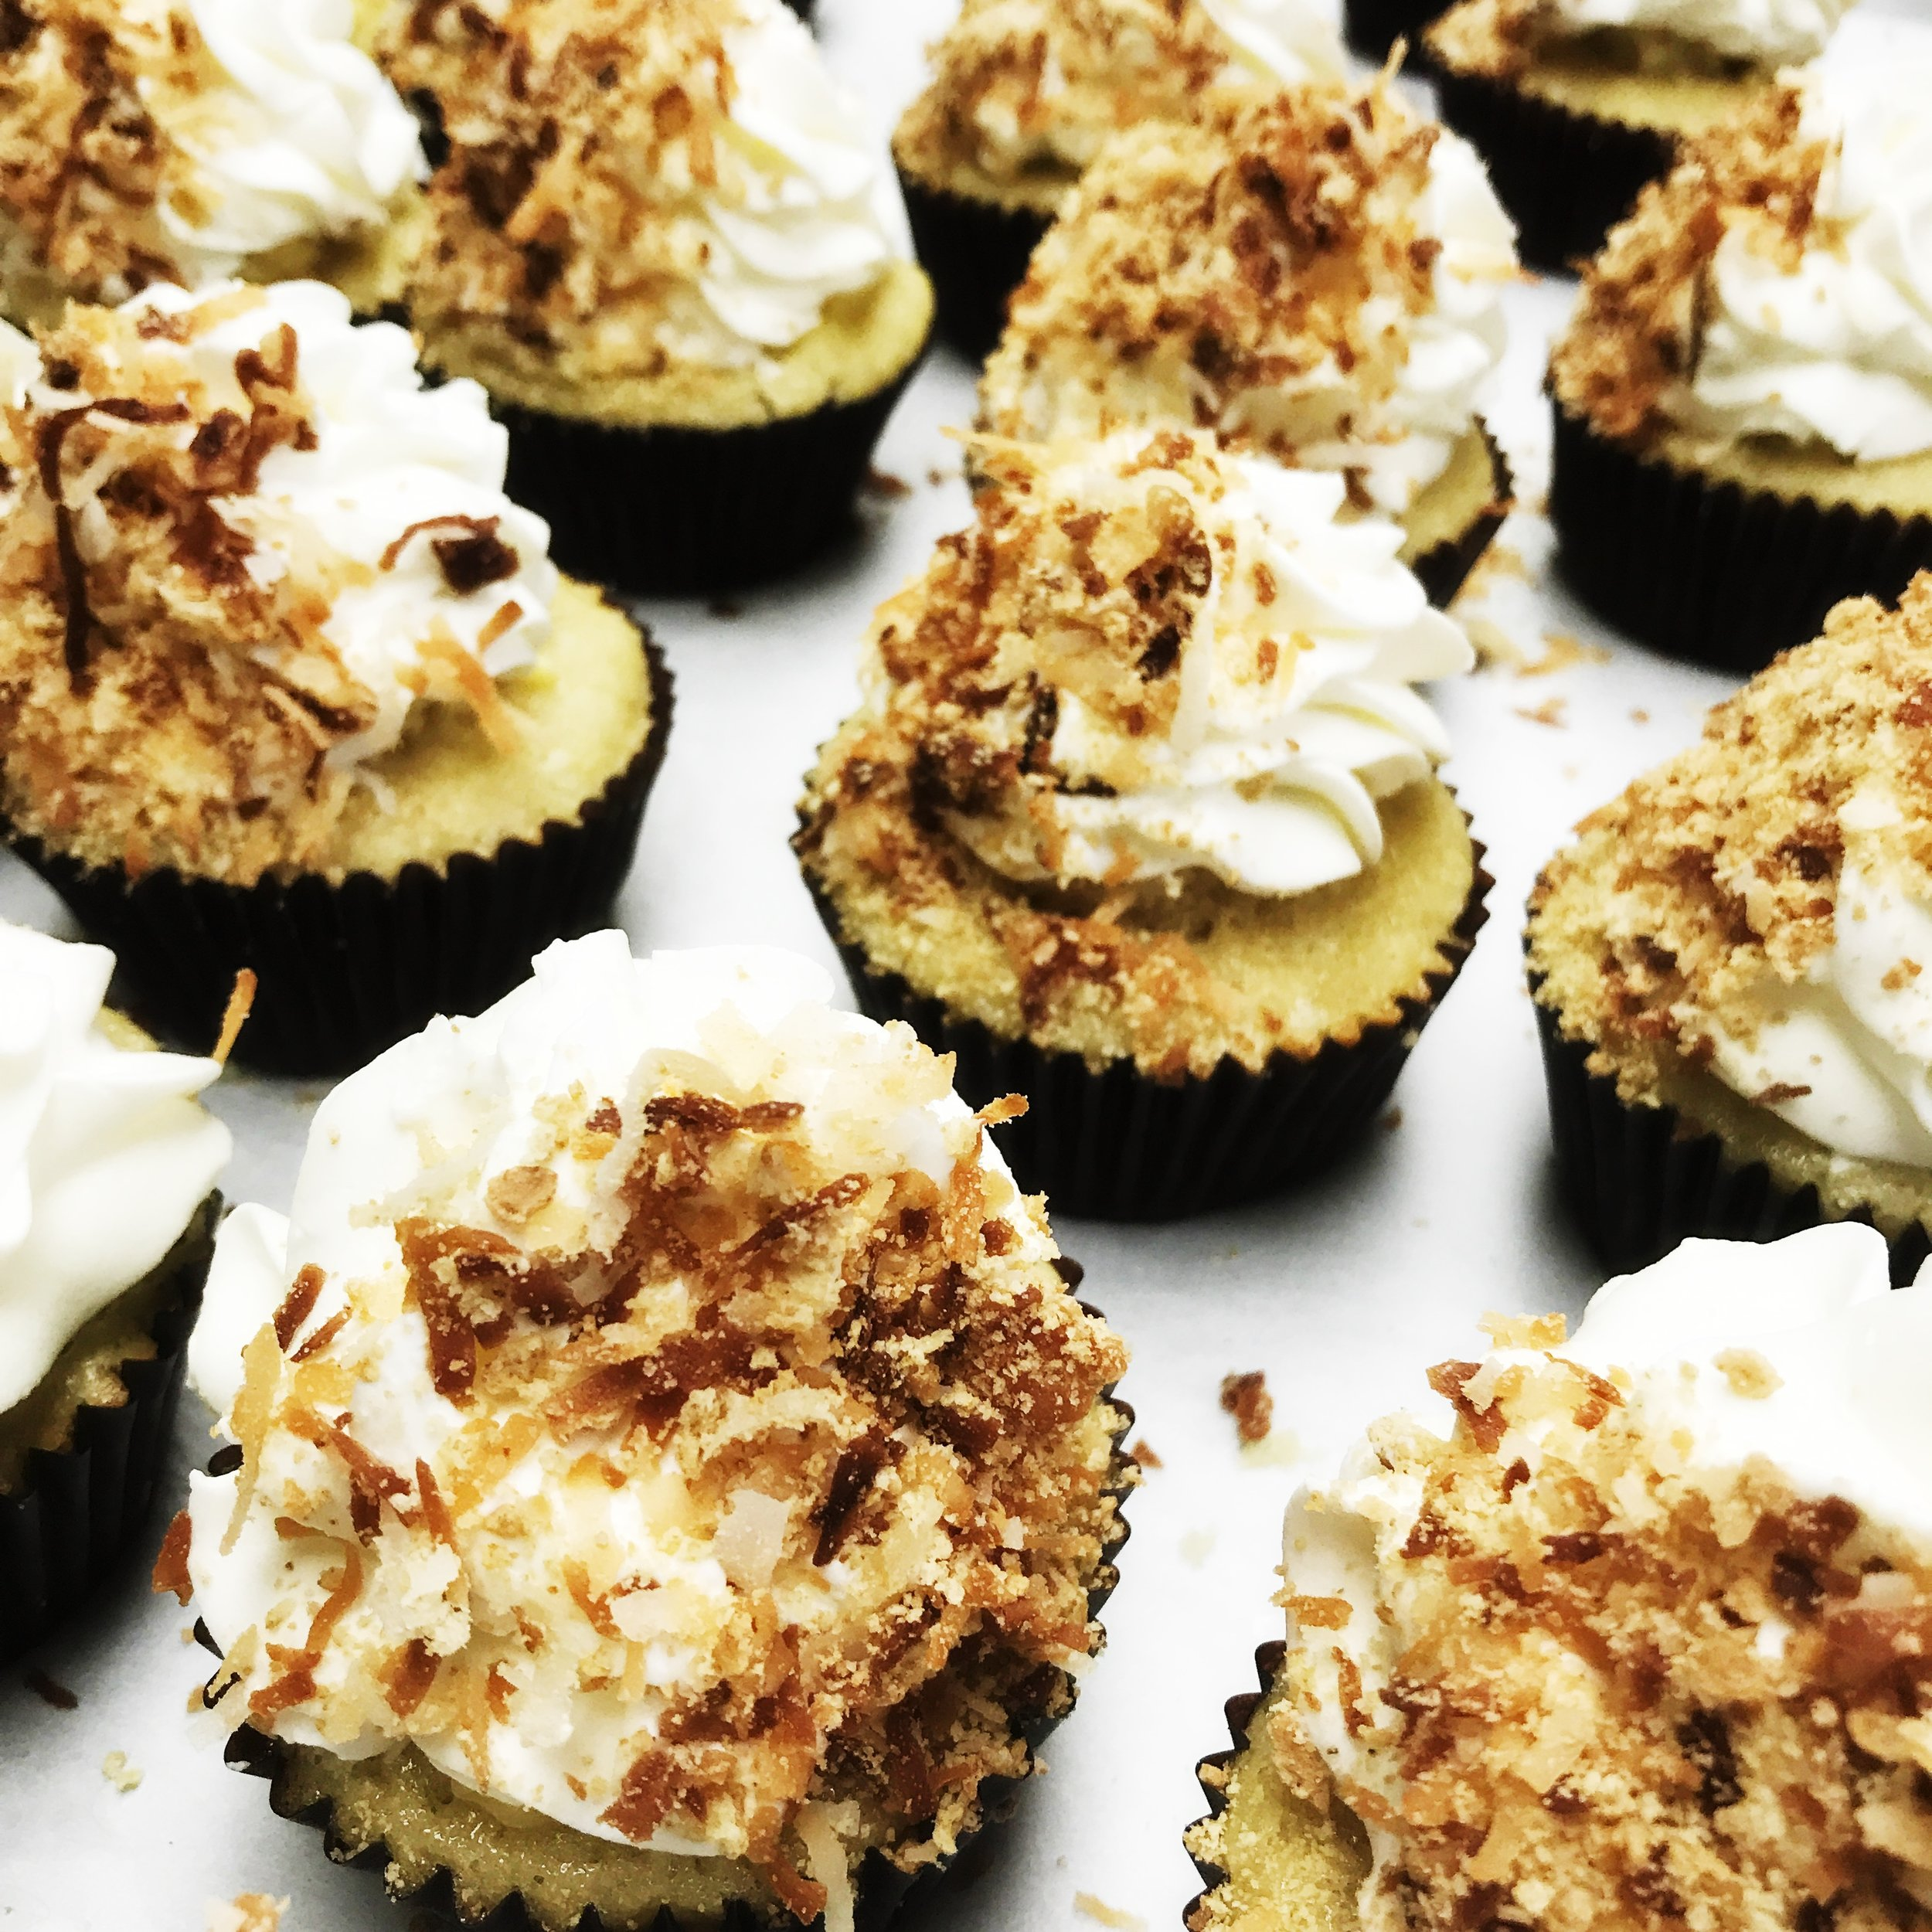 *Coconut Cream Pie*